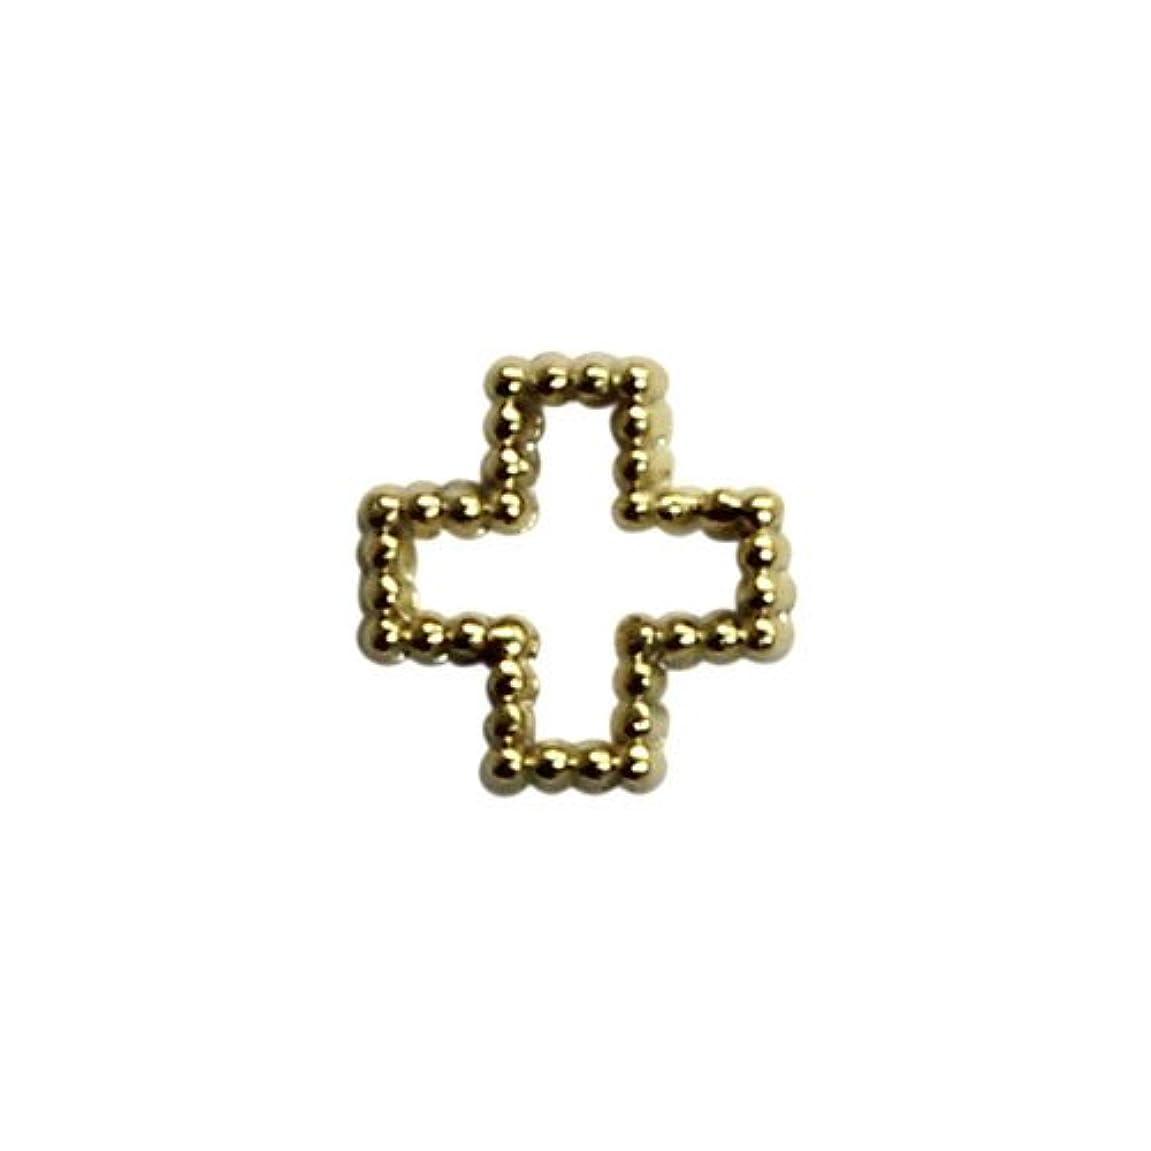 エイリアン個人的なスマッシュプリティーネイル ネイルアートパーツ ブリオンクロスS ゴールド 15個